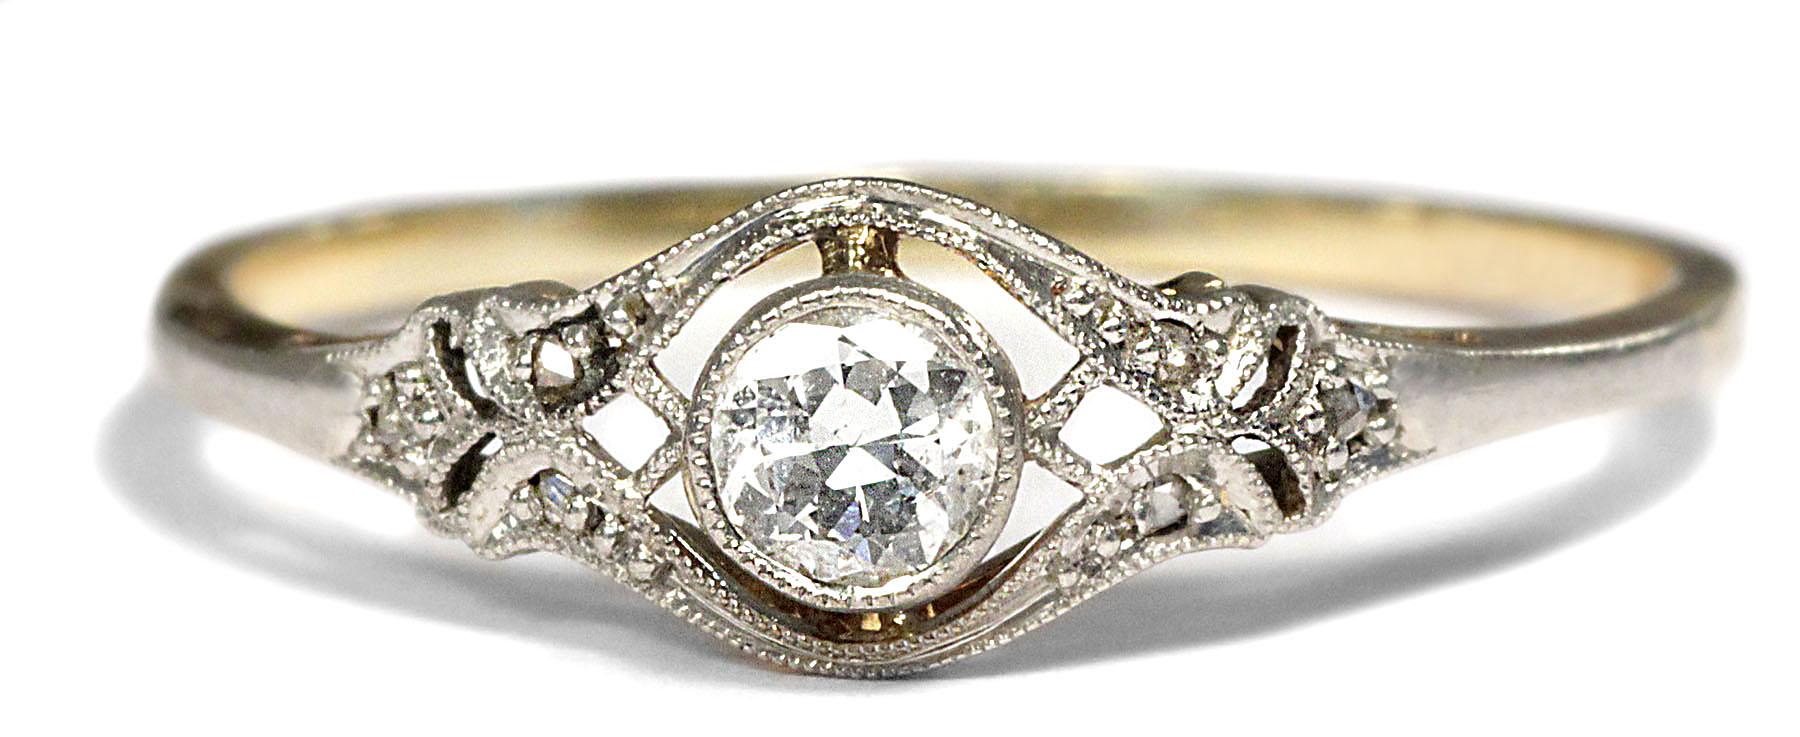 Antiker Verlobungsring DIAMANT RING Jugendstil um 1910 Solitr Gold Platin  eBay